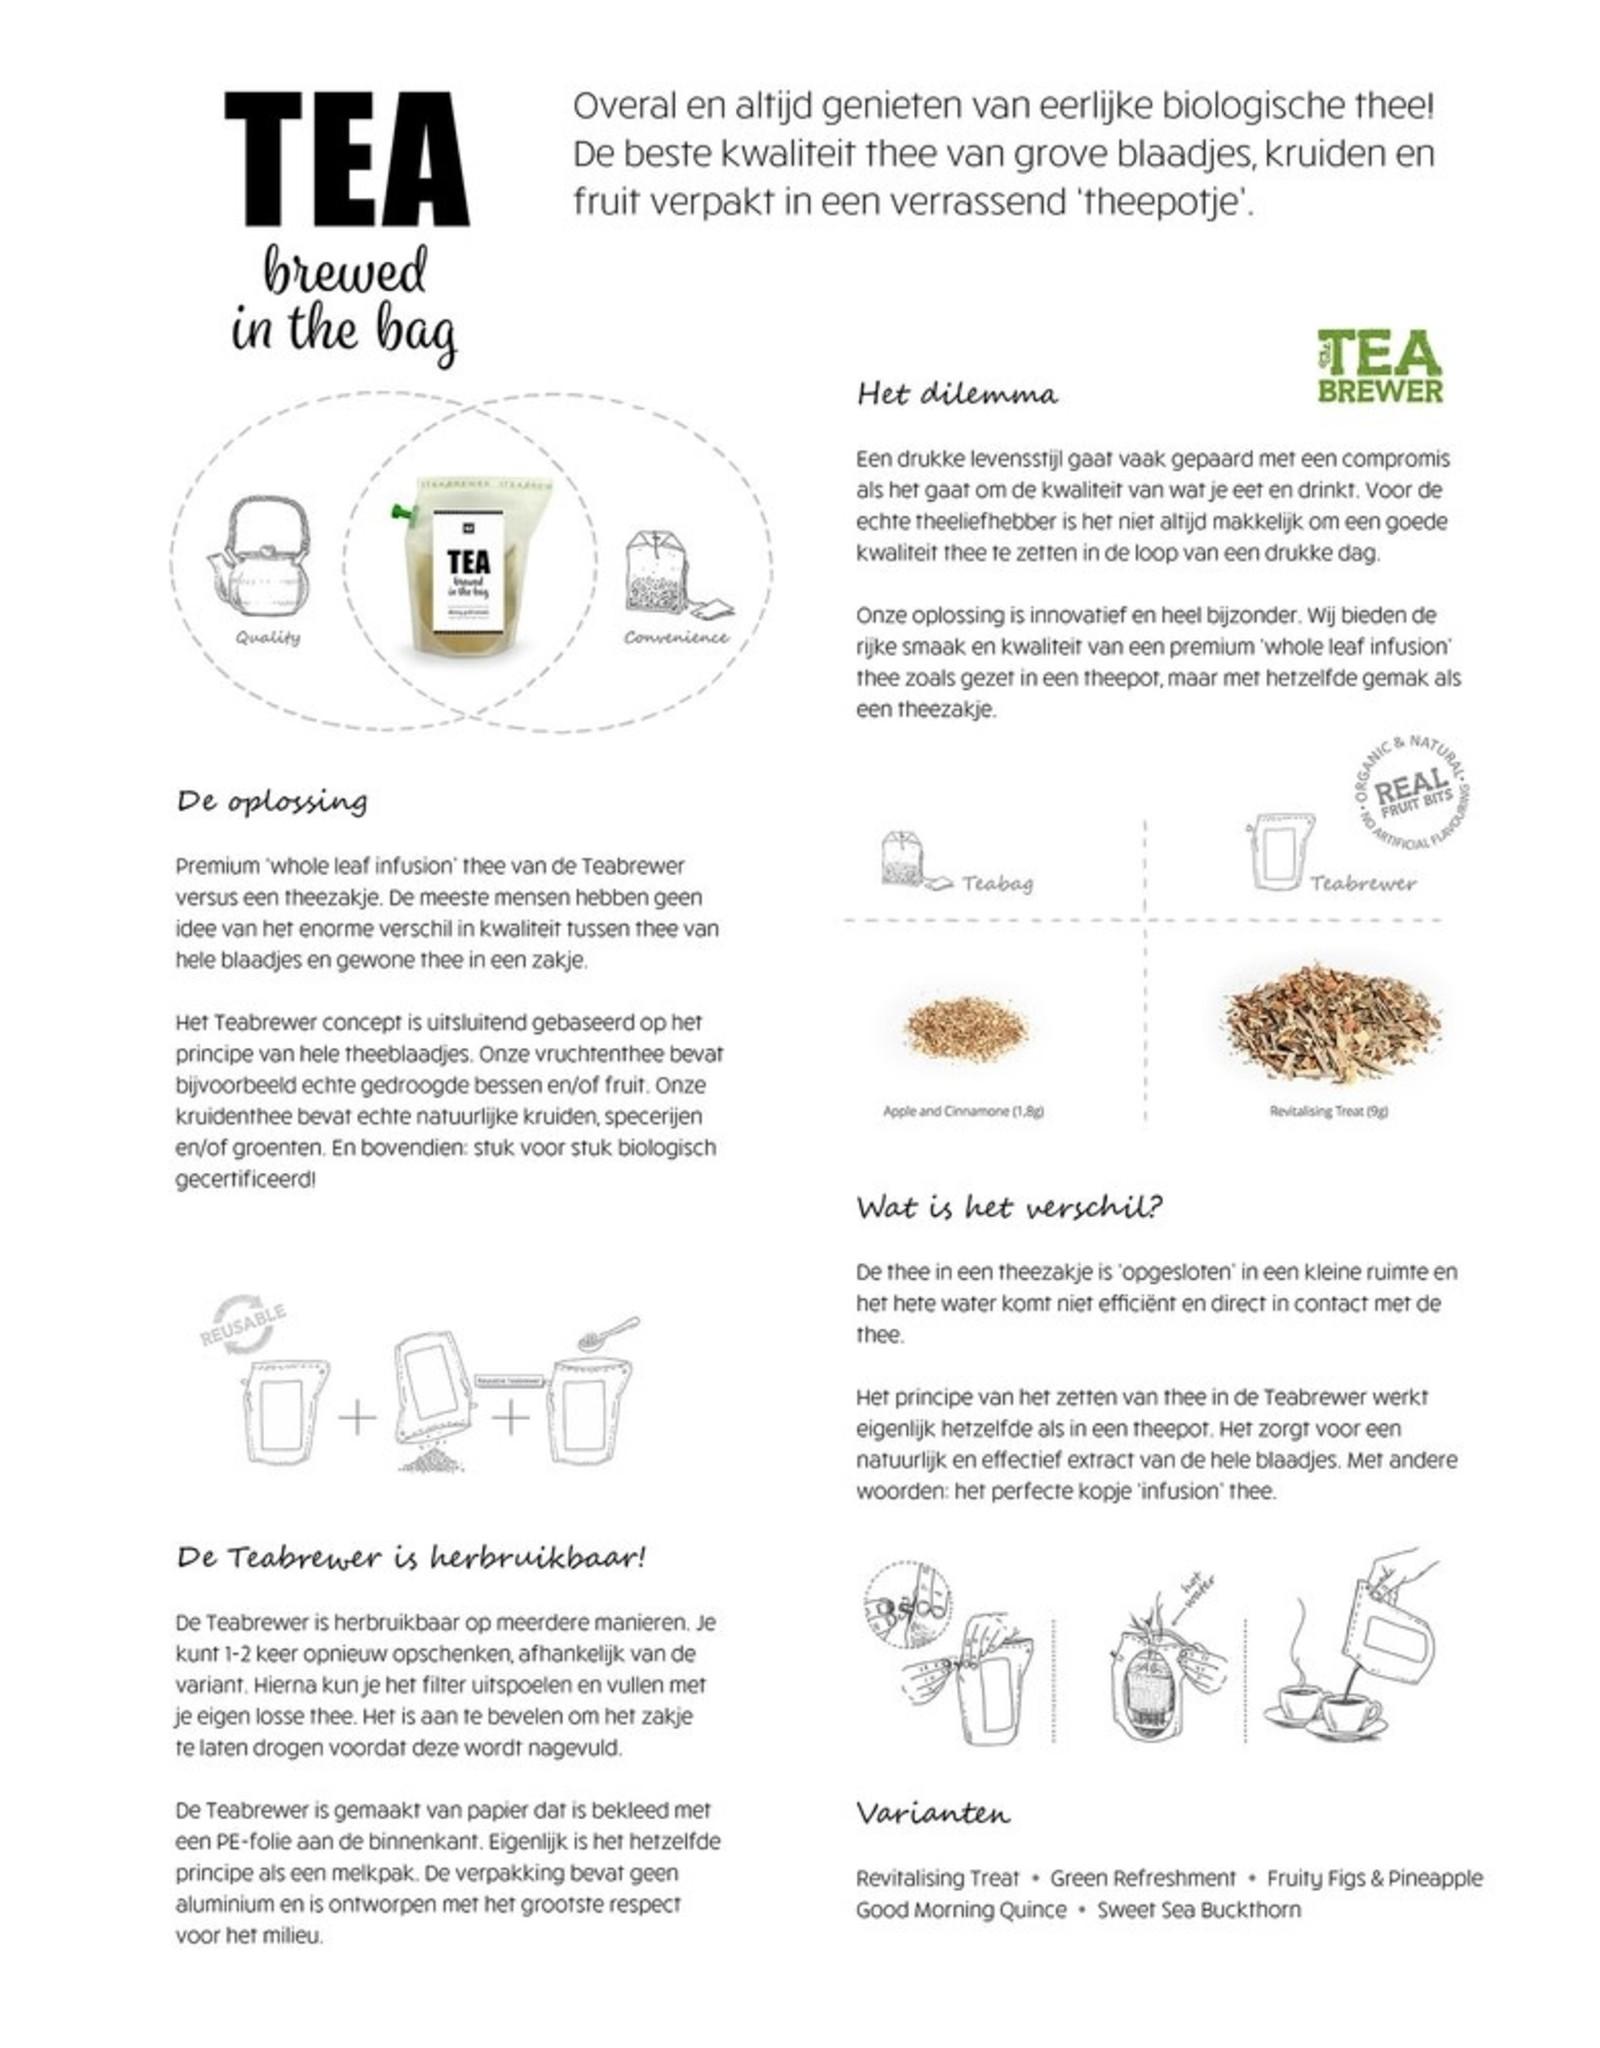 LIV 'N TASTE Sint - TeaBrewer Gift